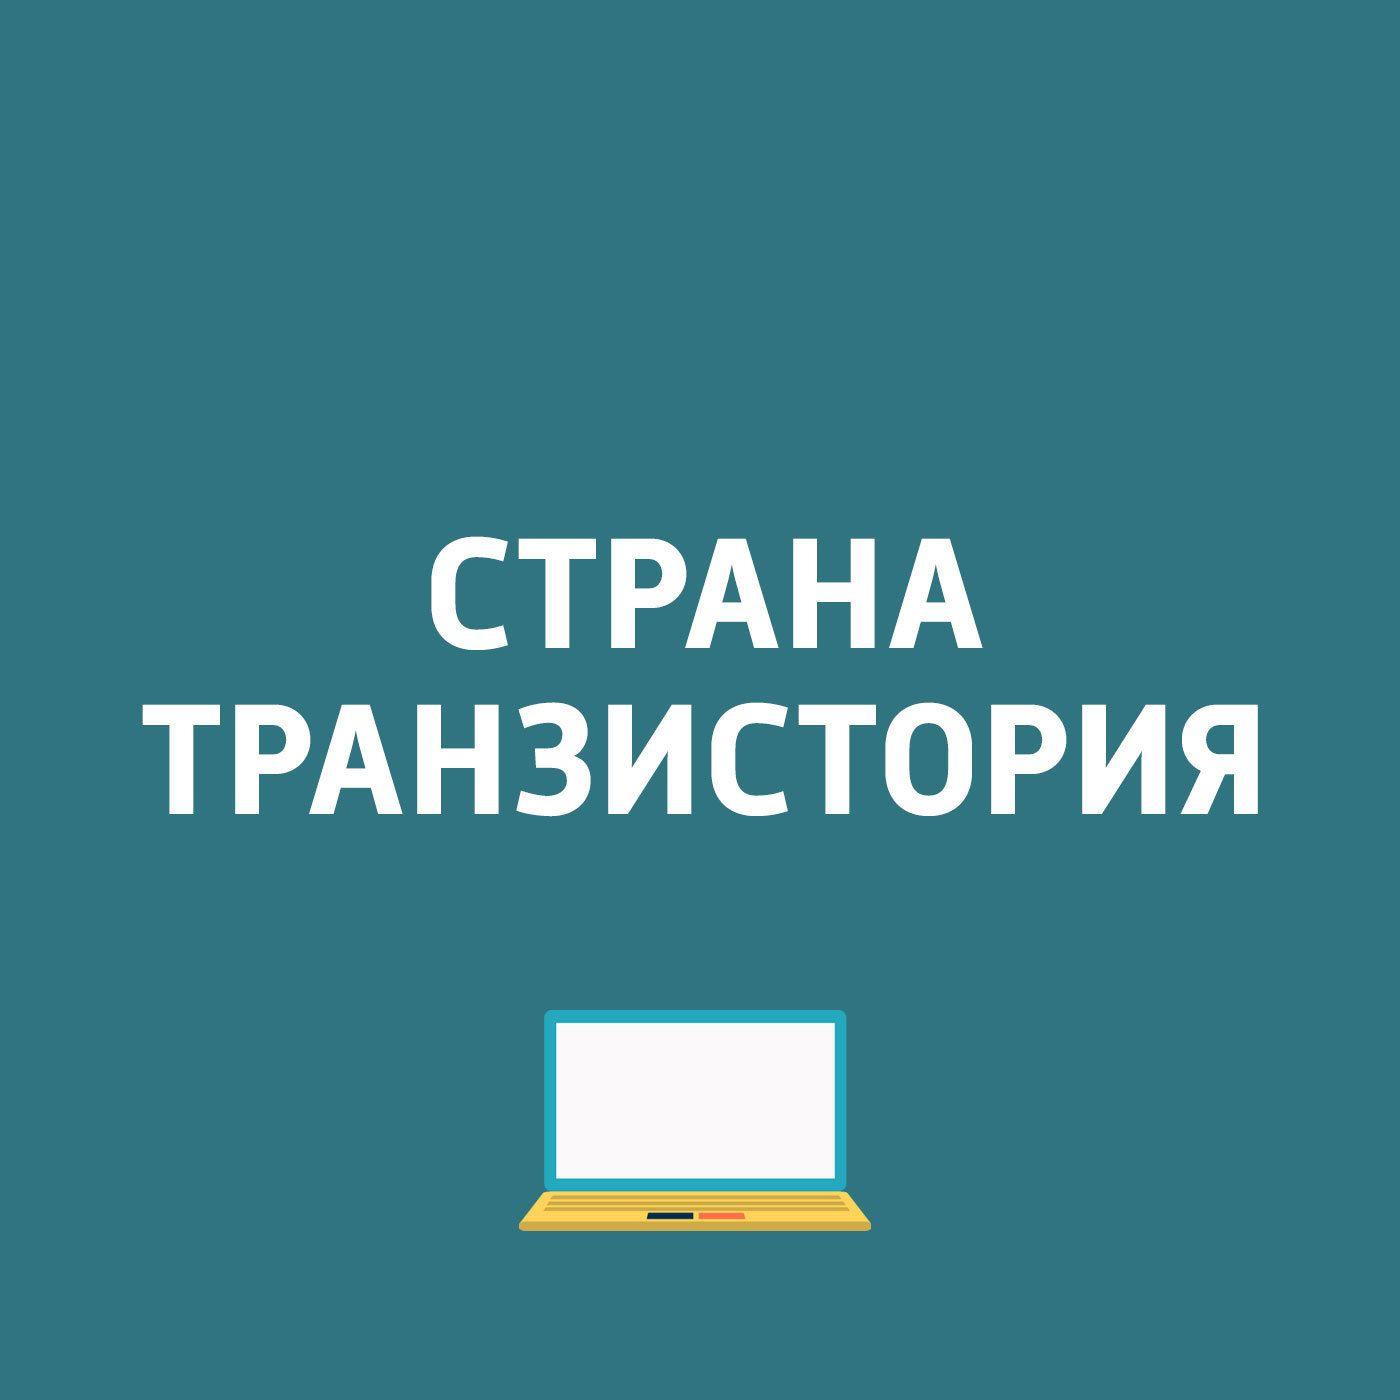 Картаев Павел Приложения, позволяющие узнать, как ты записан у других в телефонной книжке новые samsung